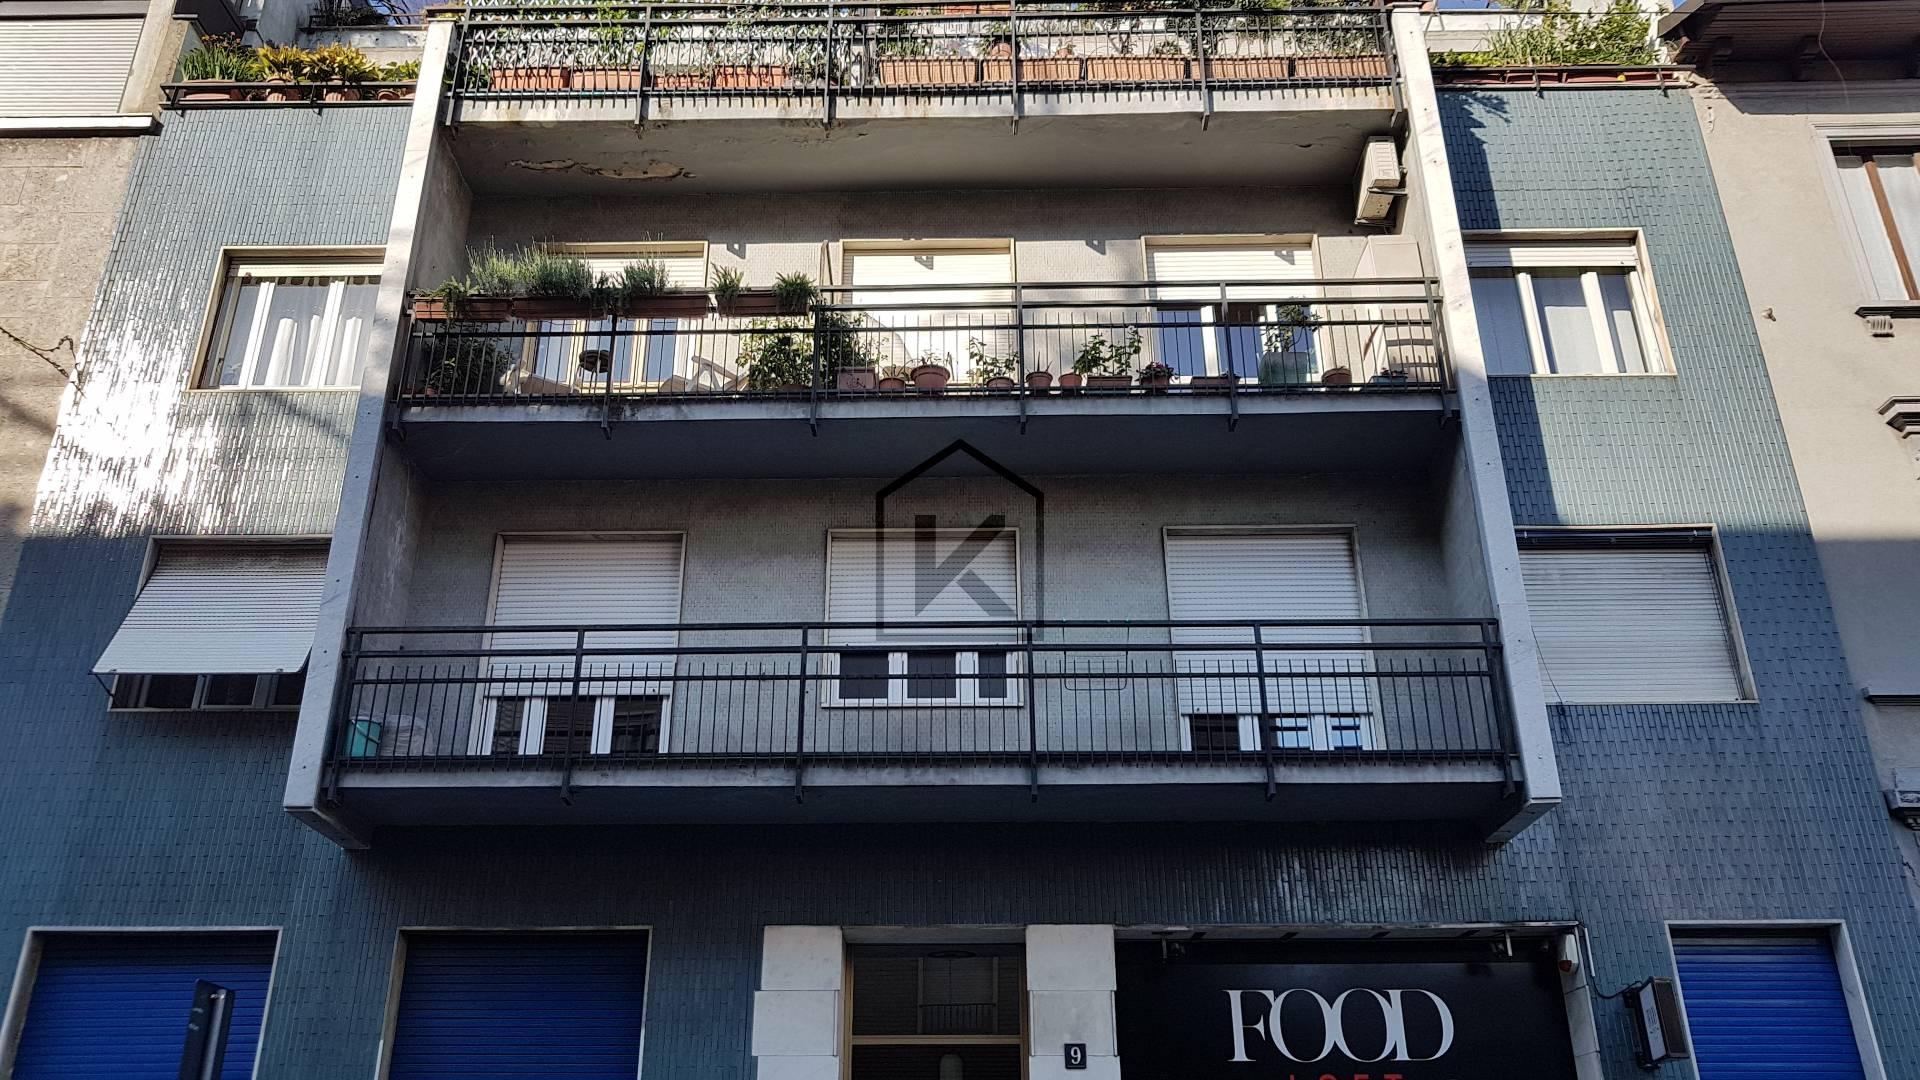 Appartamento in Vendita a Milano 09 Ceresio / Procaccini / Foro Bonaparte: 3 locali, 100 mq